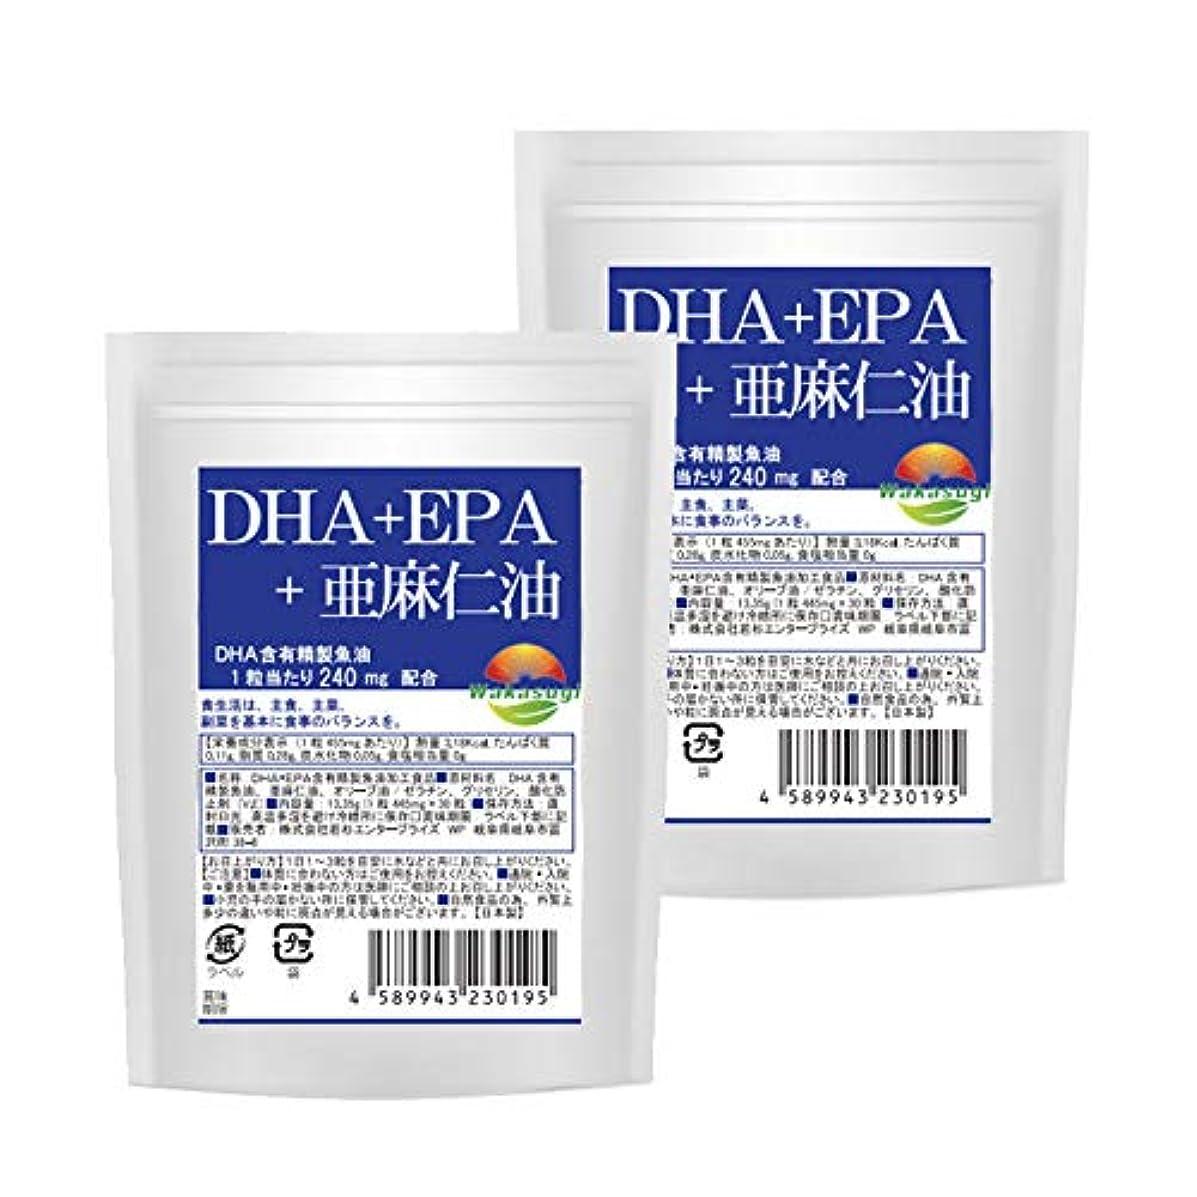 貢献する予算文字通りDHA+EPA+亜麻仁油 30粒 2袋セット 計60粒 最大2か月分